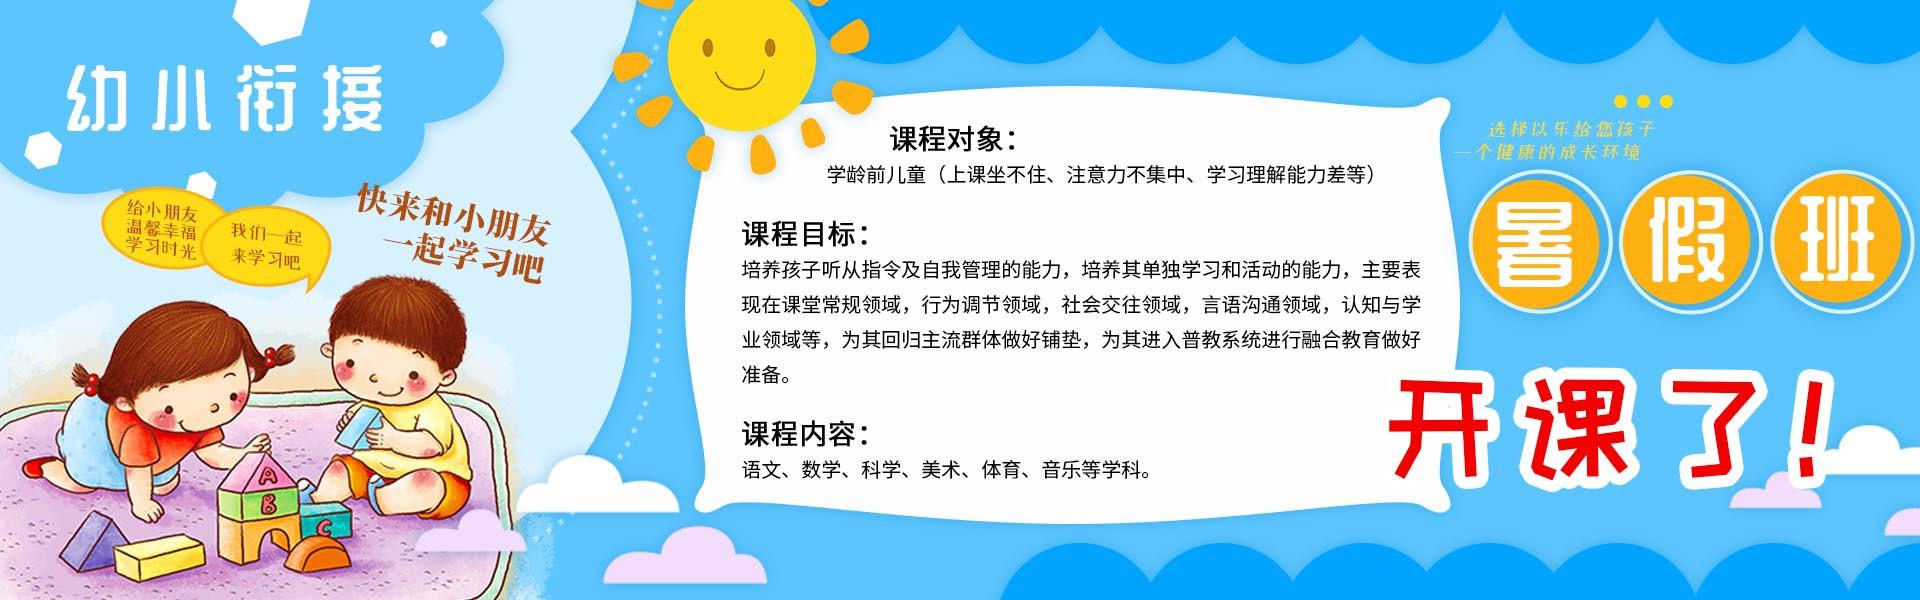 台州孤独症学校